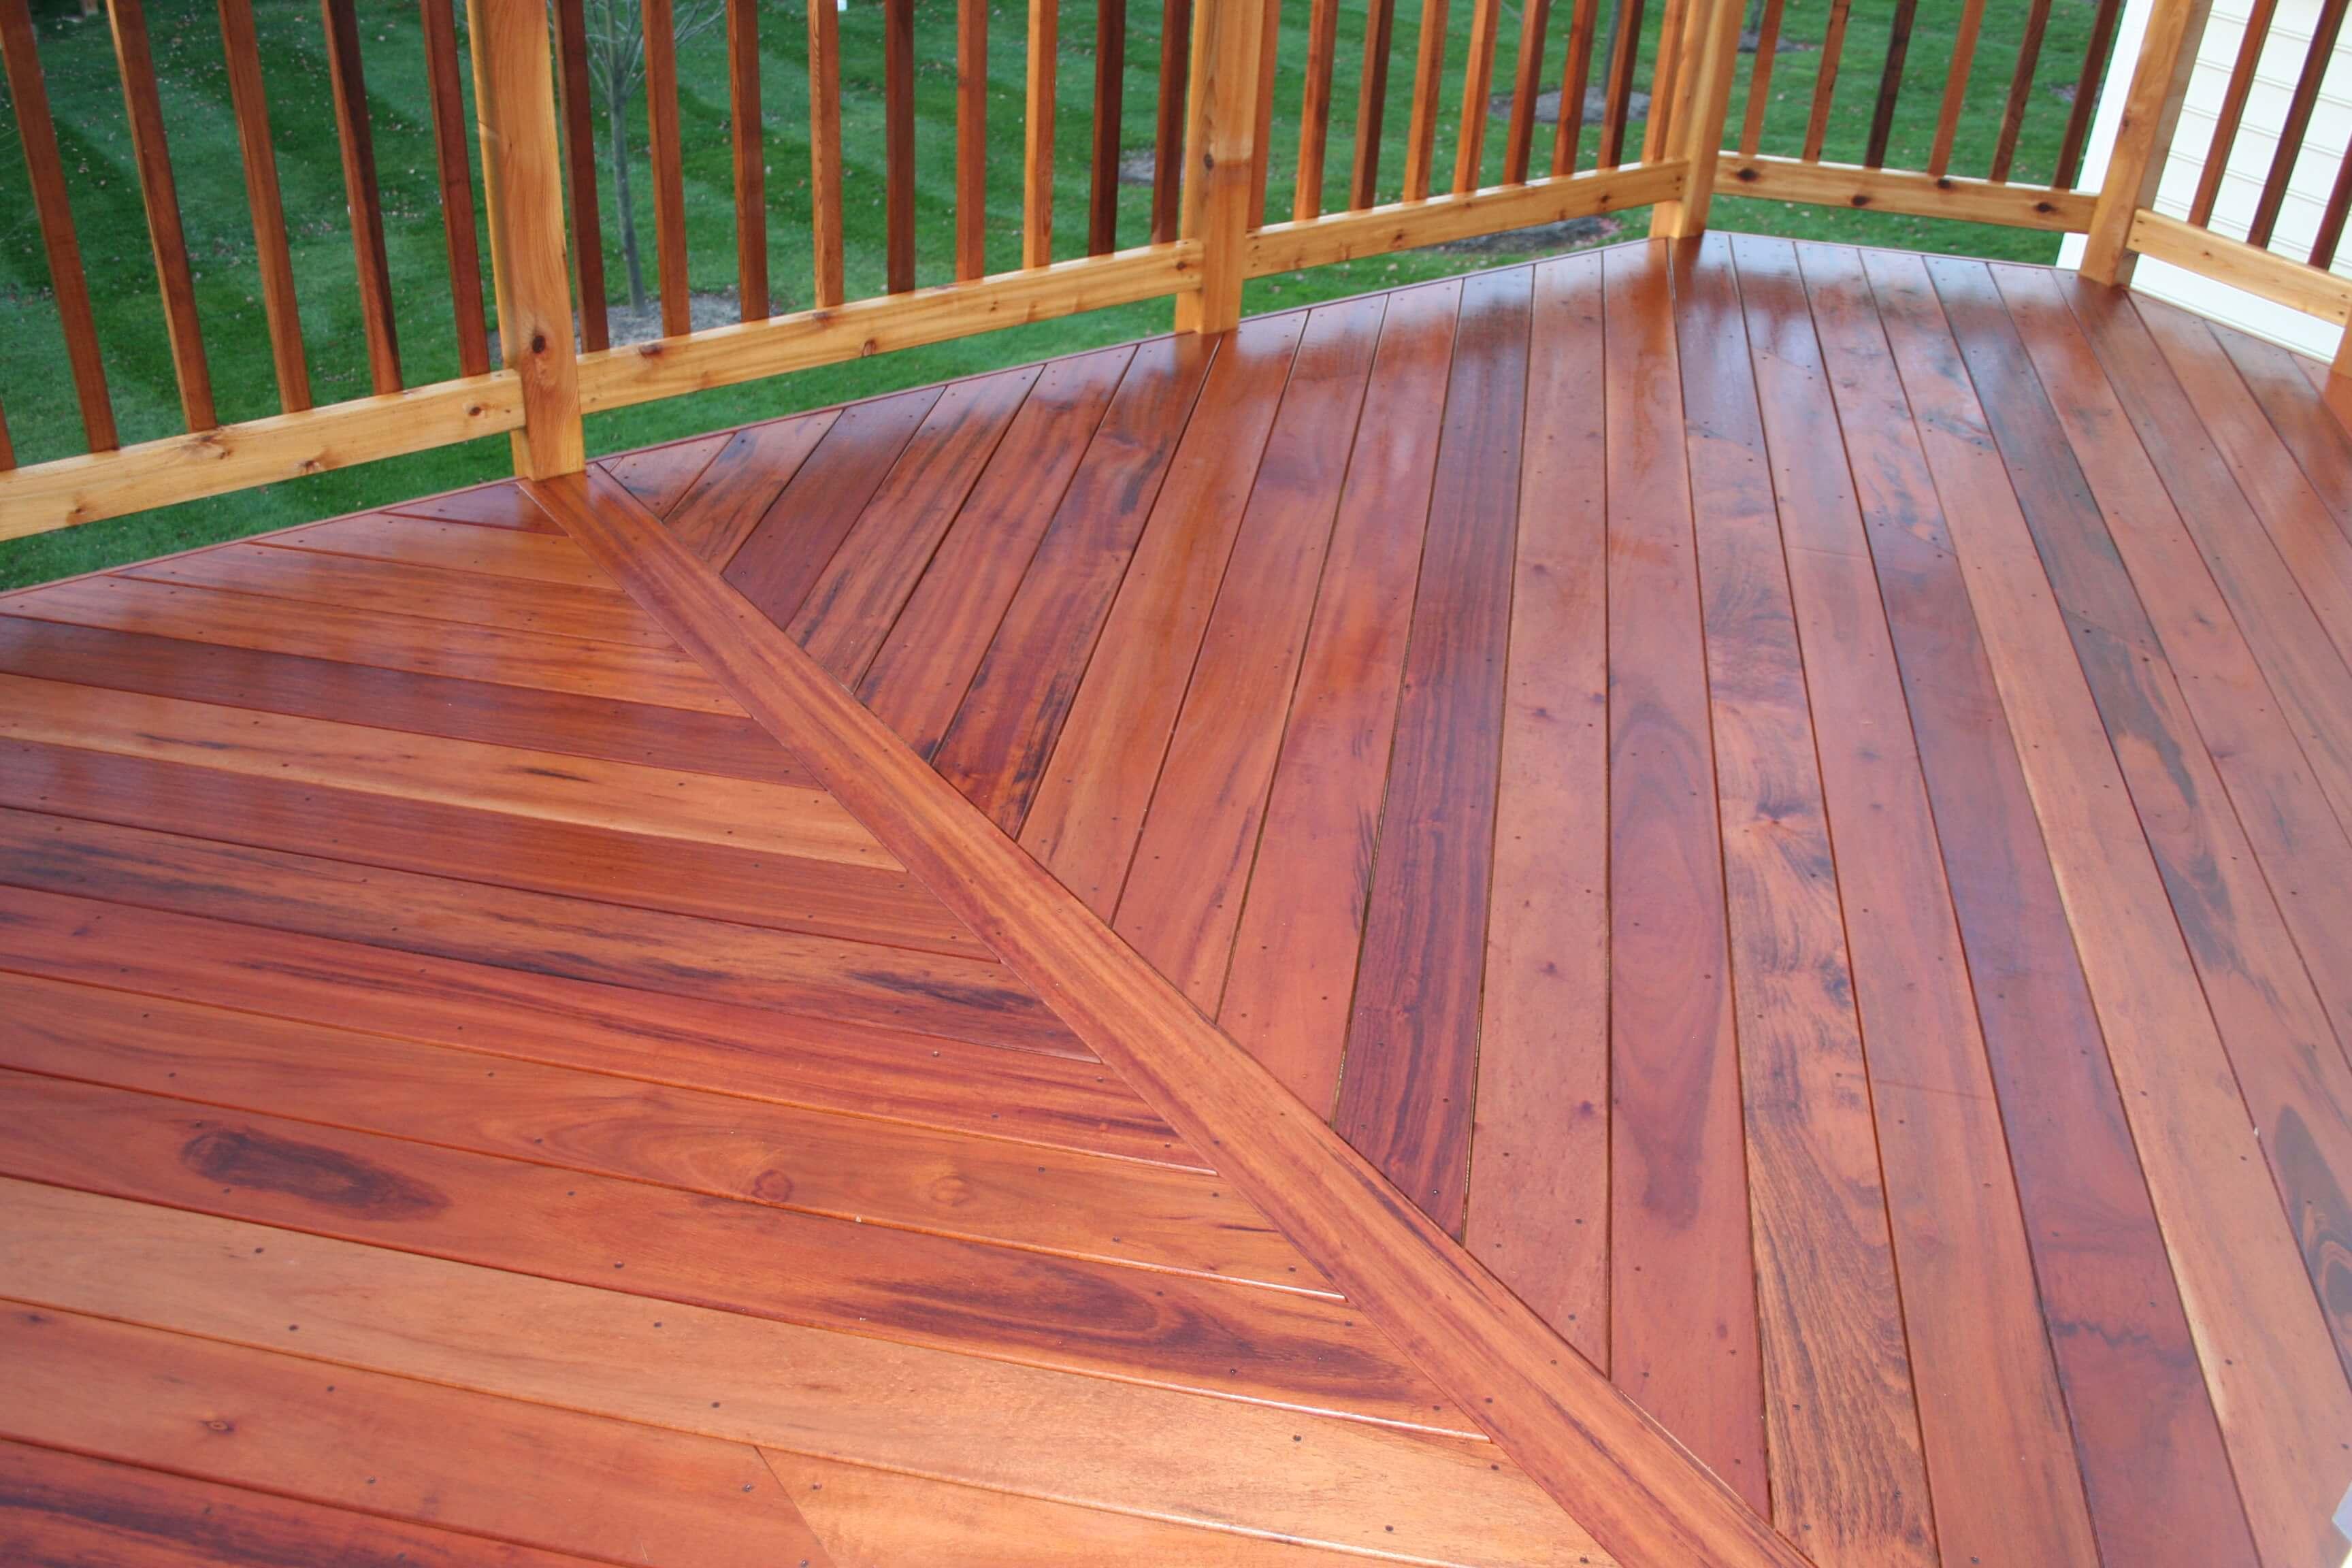 Deck floor design details